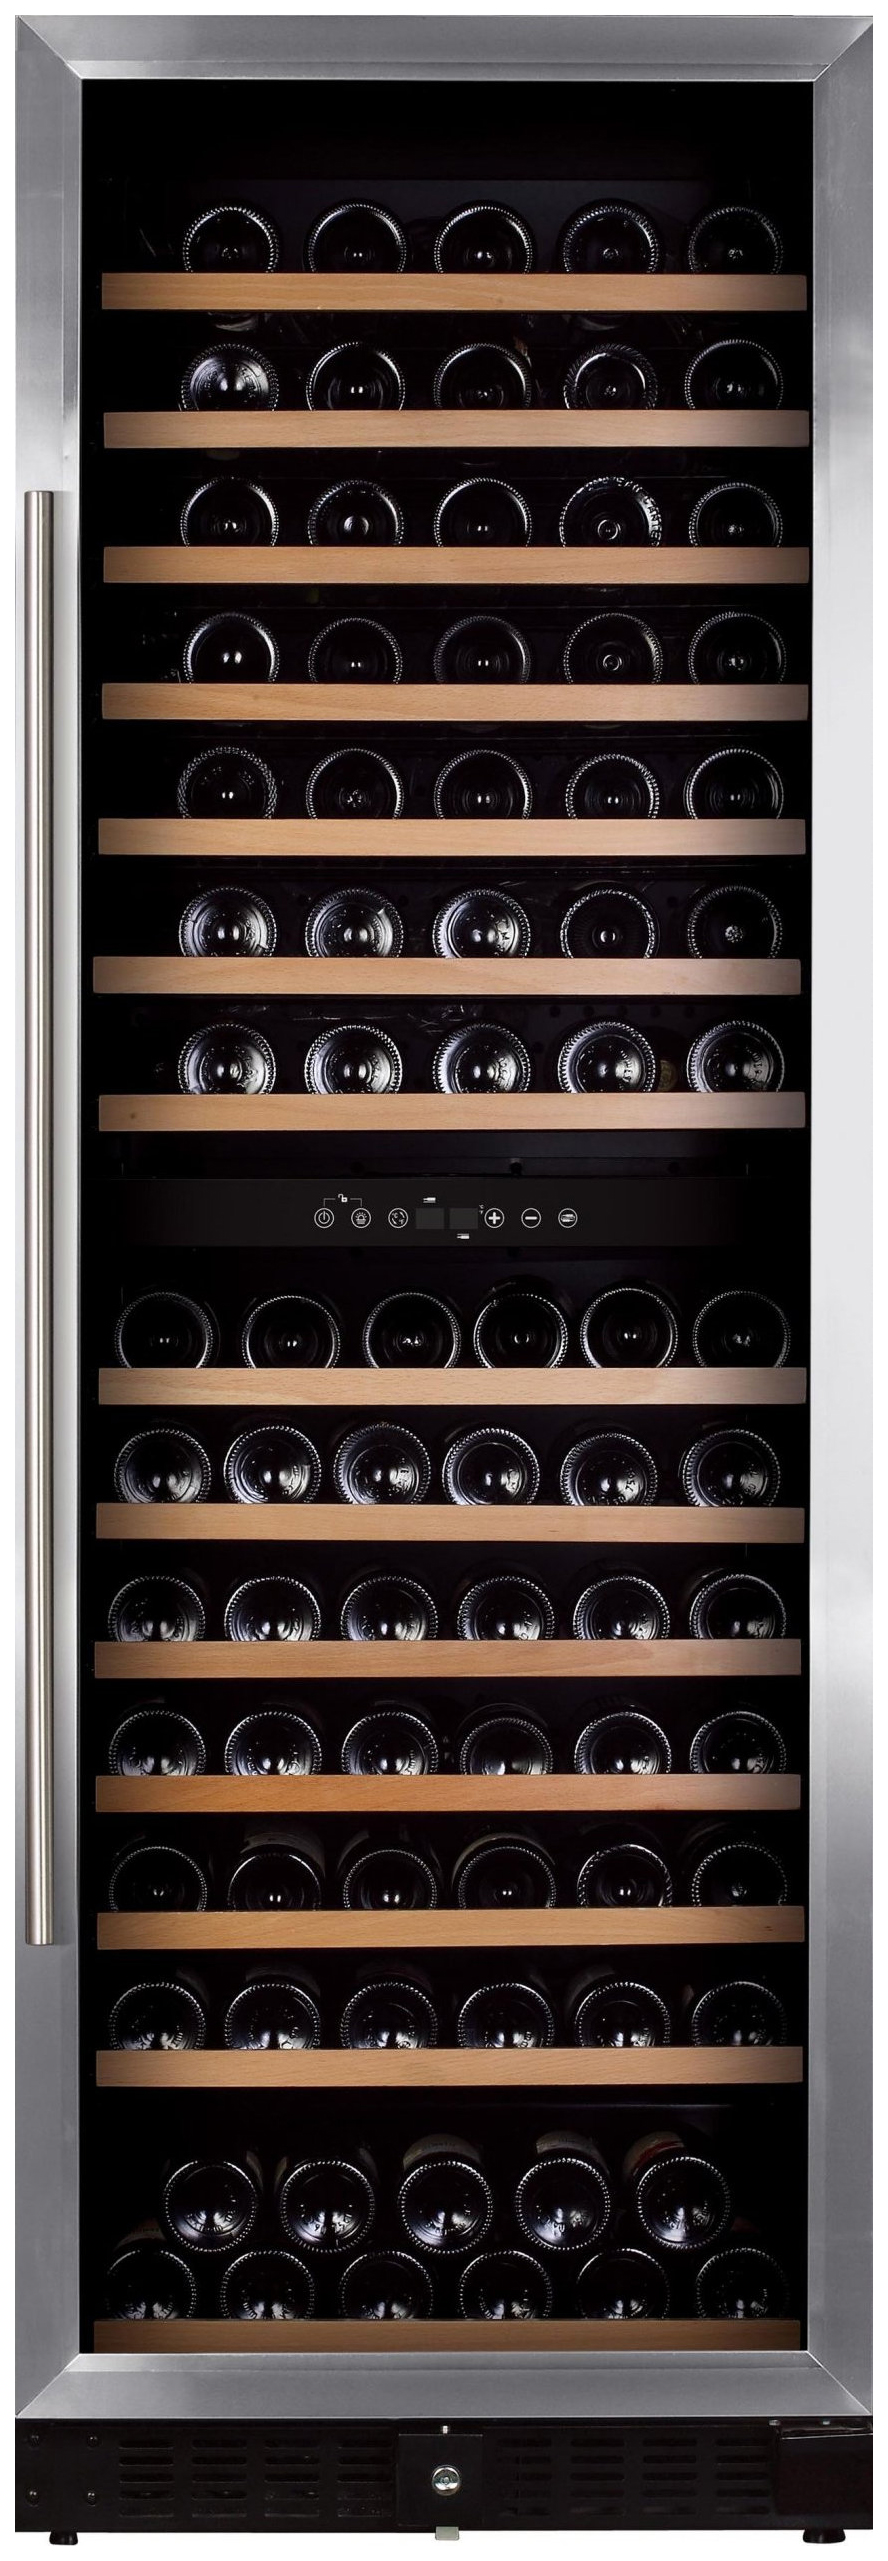 Встраиваемый винный шкаф Dunavox DX 166.428SDSK